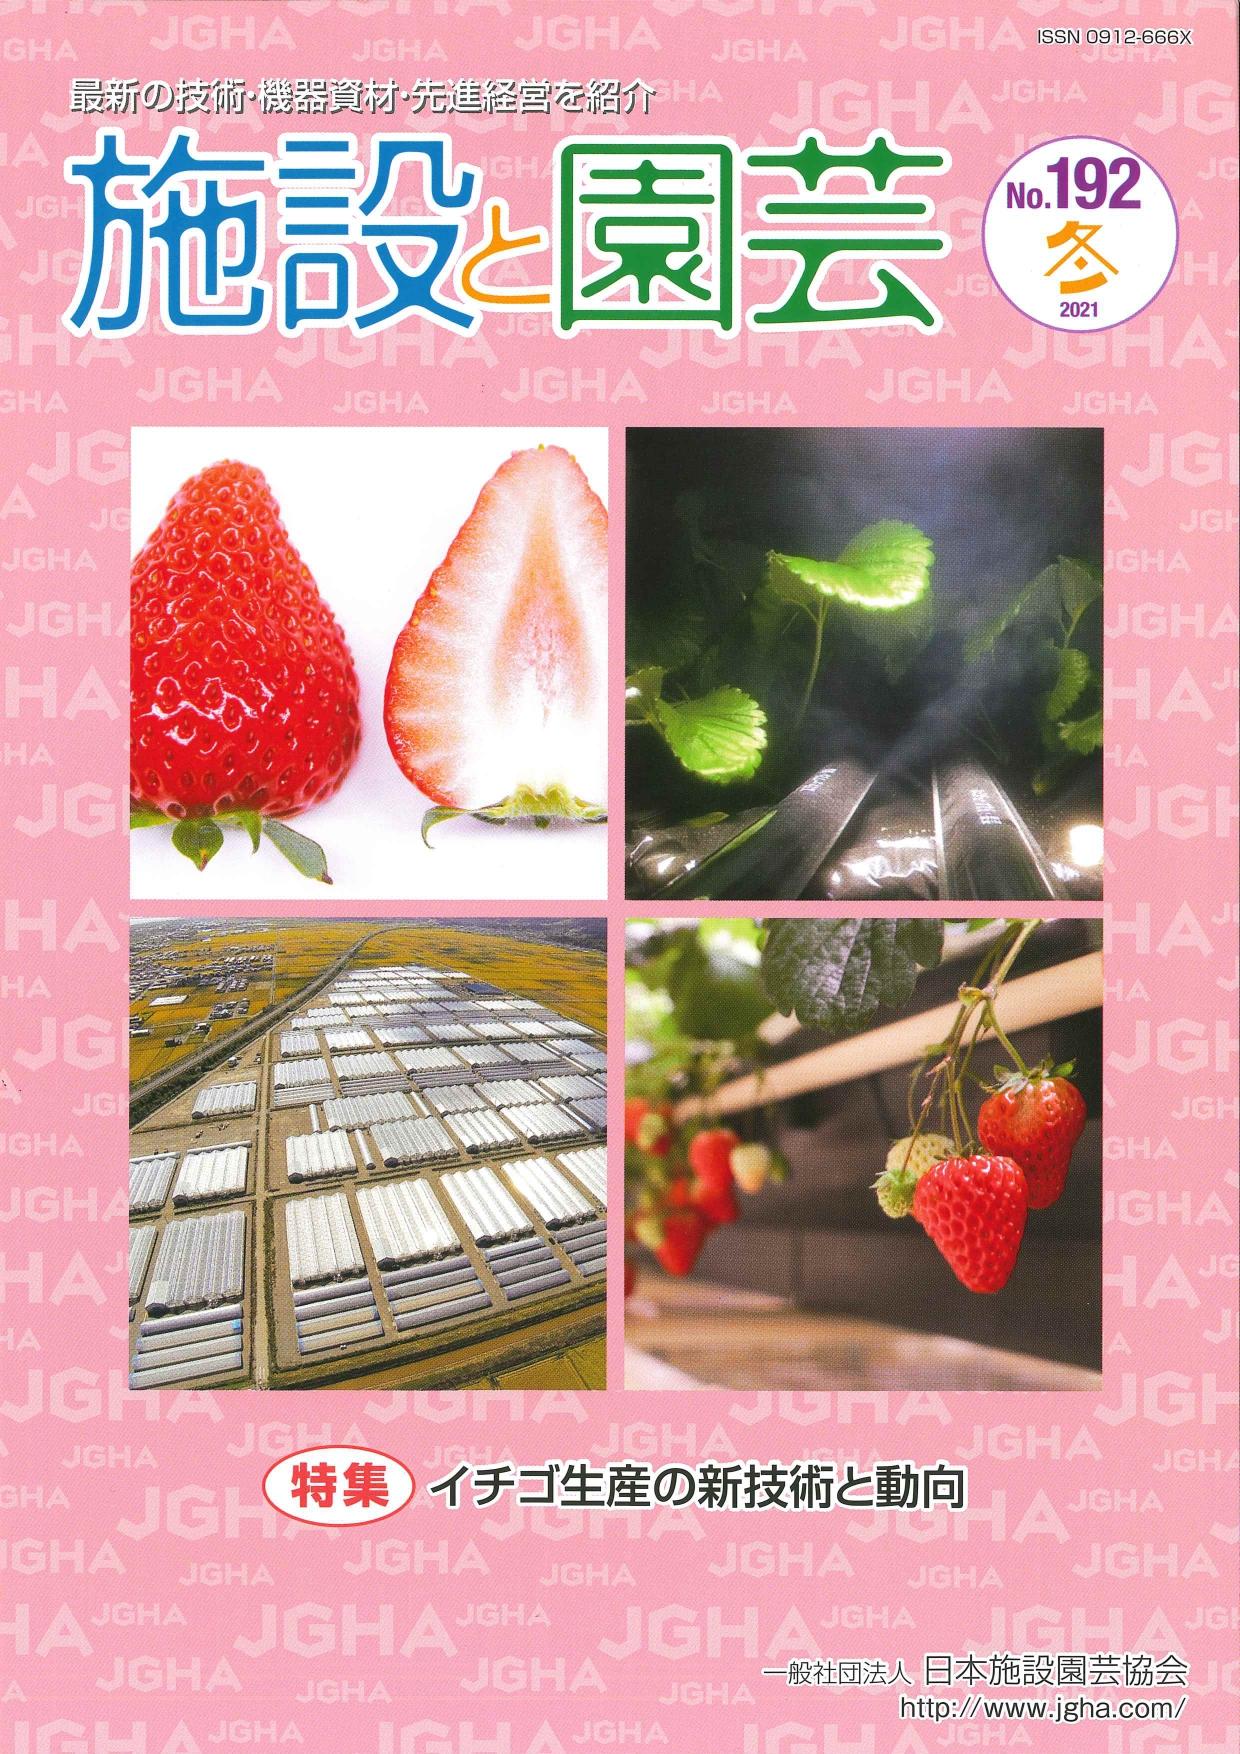 施設と園芸191号 特集:スマート化技術の動向